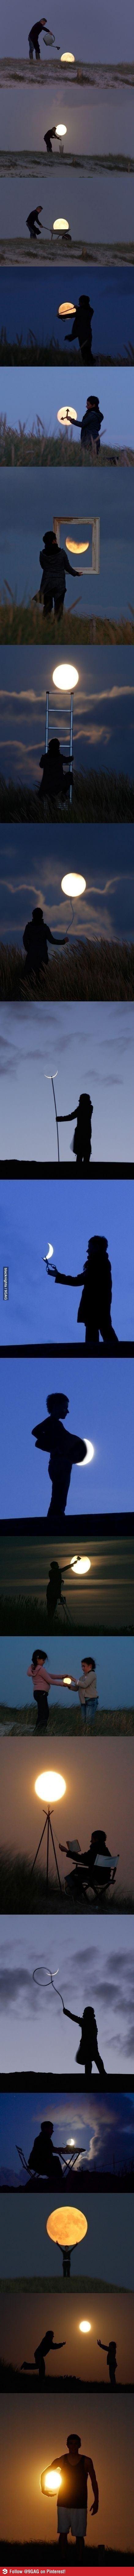 달과 태양을 이용한 사진작품